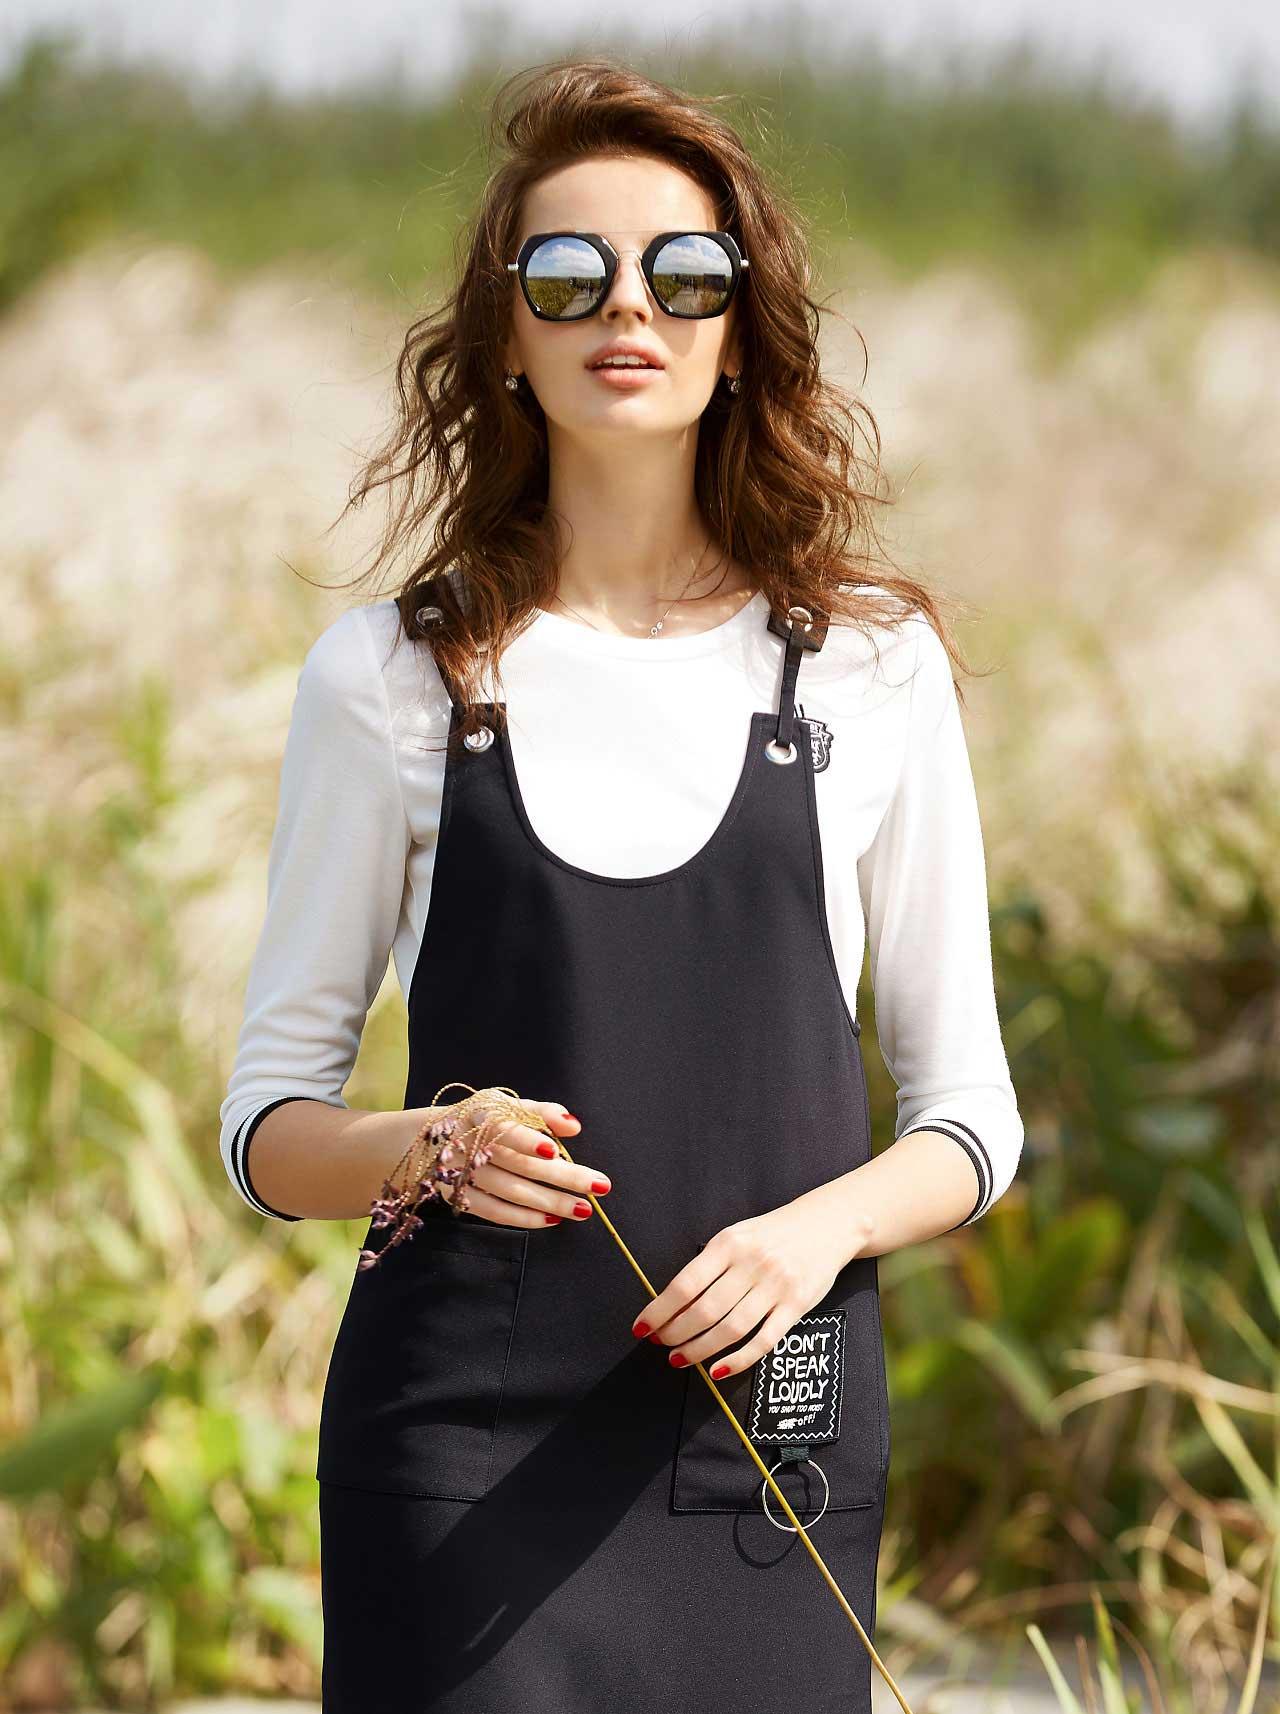 雀啡女装品牌2020春夏新款纯色吊带连体裤